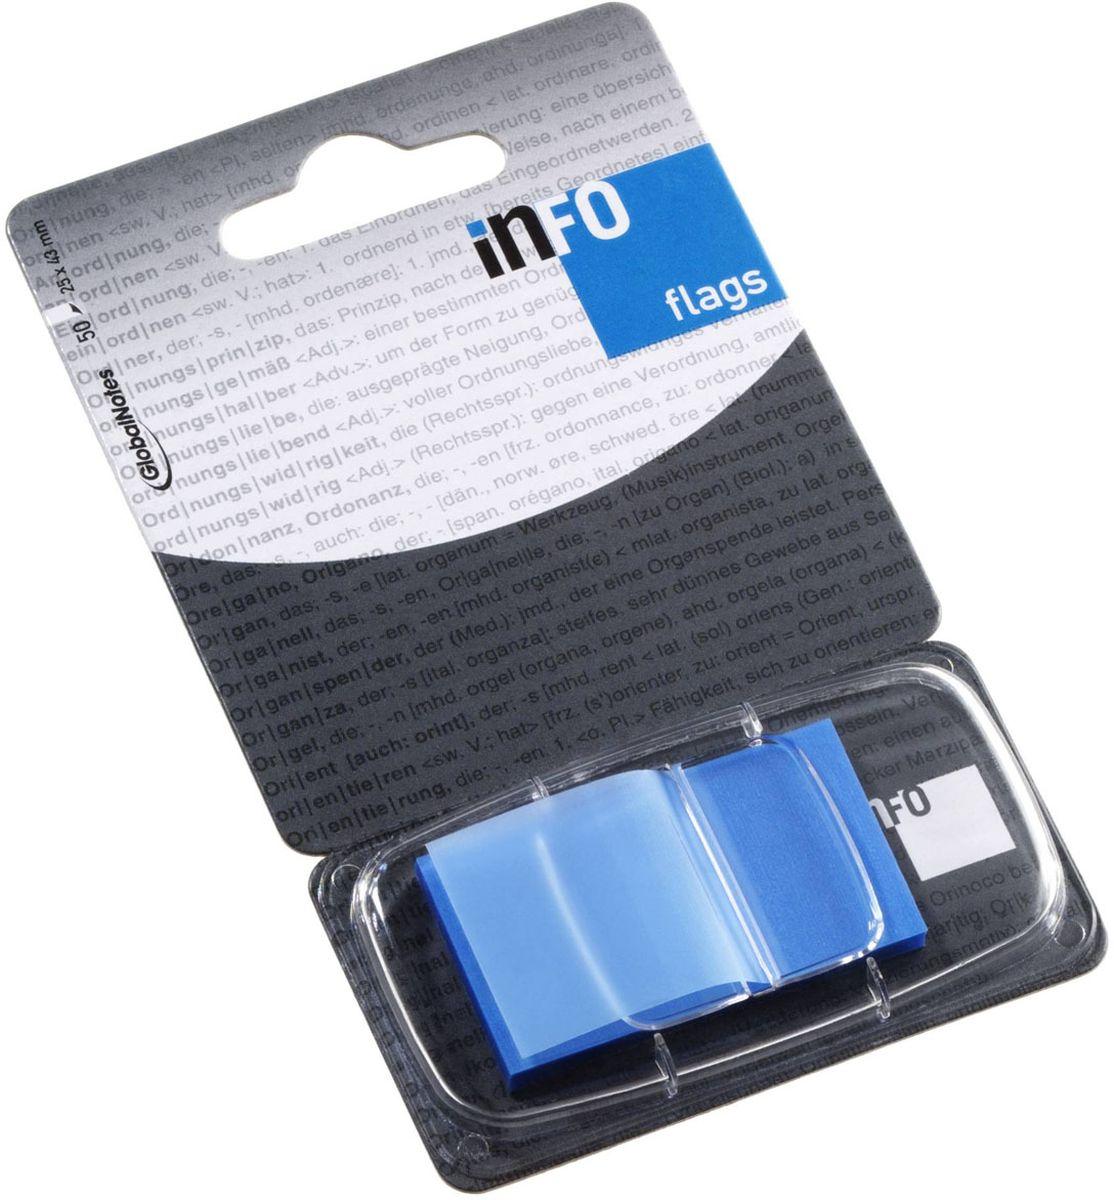 Global Notes Блок-закладка с липким слоем цвет голубой 50 листов772836Пластиковые закладки предназначены для наиболее эффективного выделения важной информации без повреждения книги или документа. Идеально подходят для быстрой и эффективной работы - просто выдели и найди. Закладки можно переклеивать несколько раз. Упакованы в компактный пластиковый диспенсер с европодвесом по 50 штук. Размер 25х43 мм. Цвет - голубой